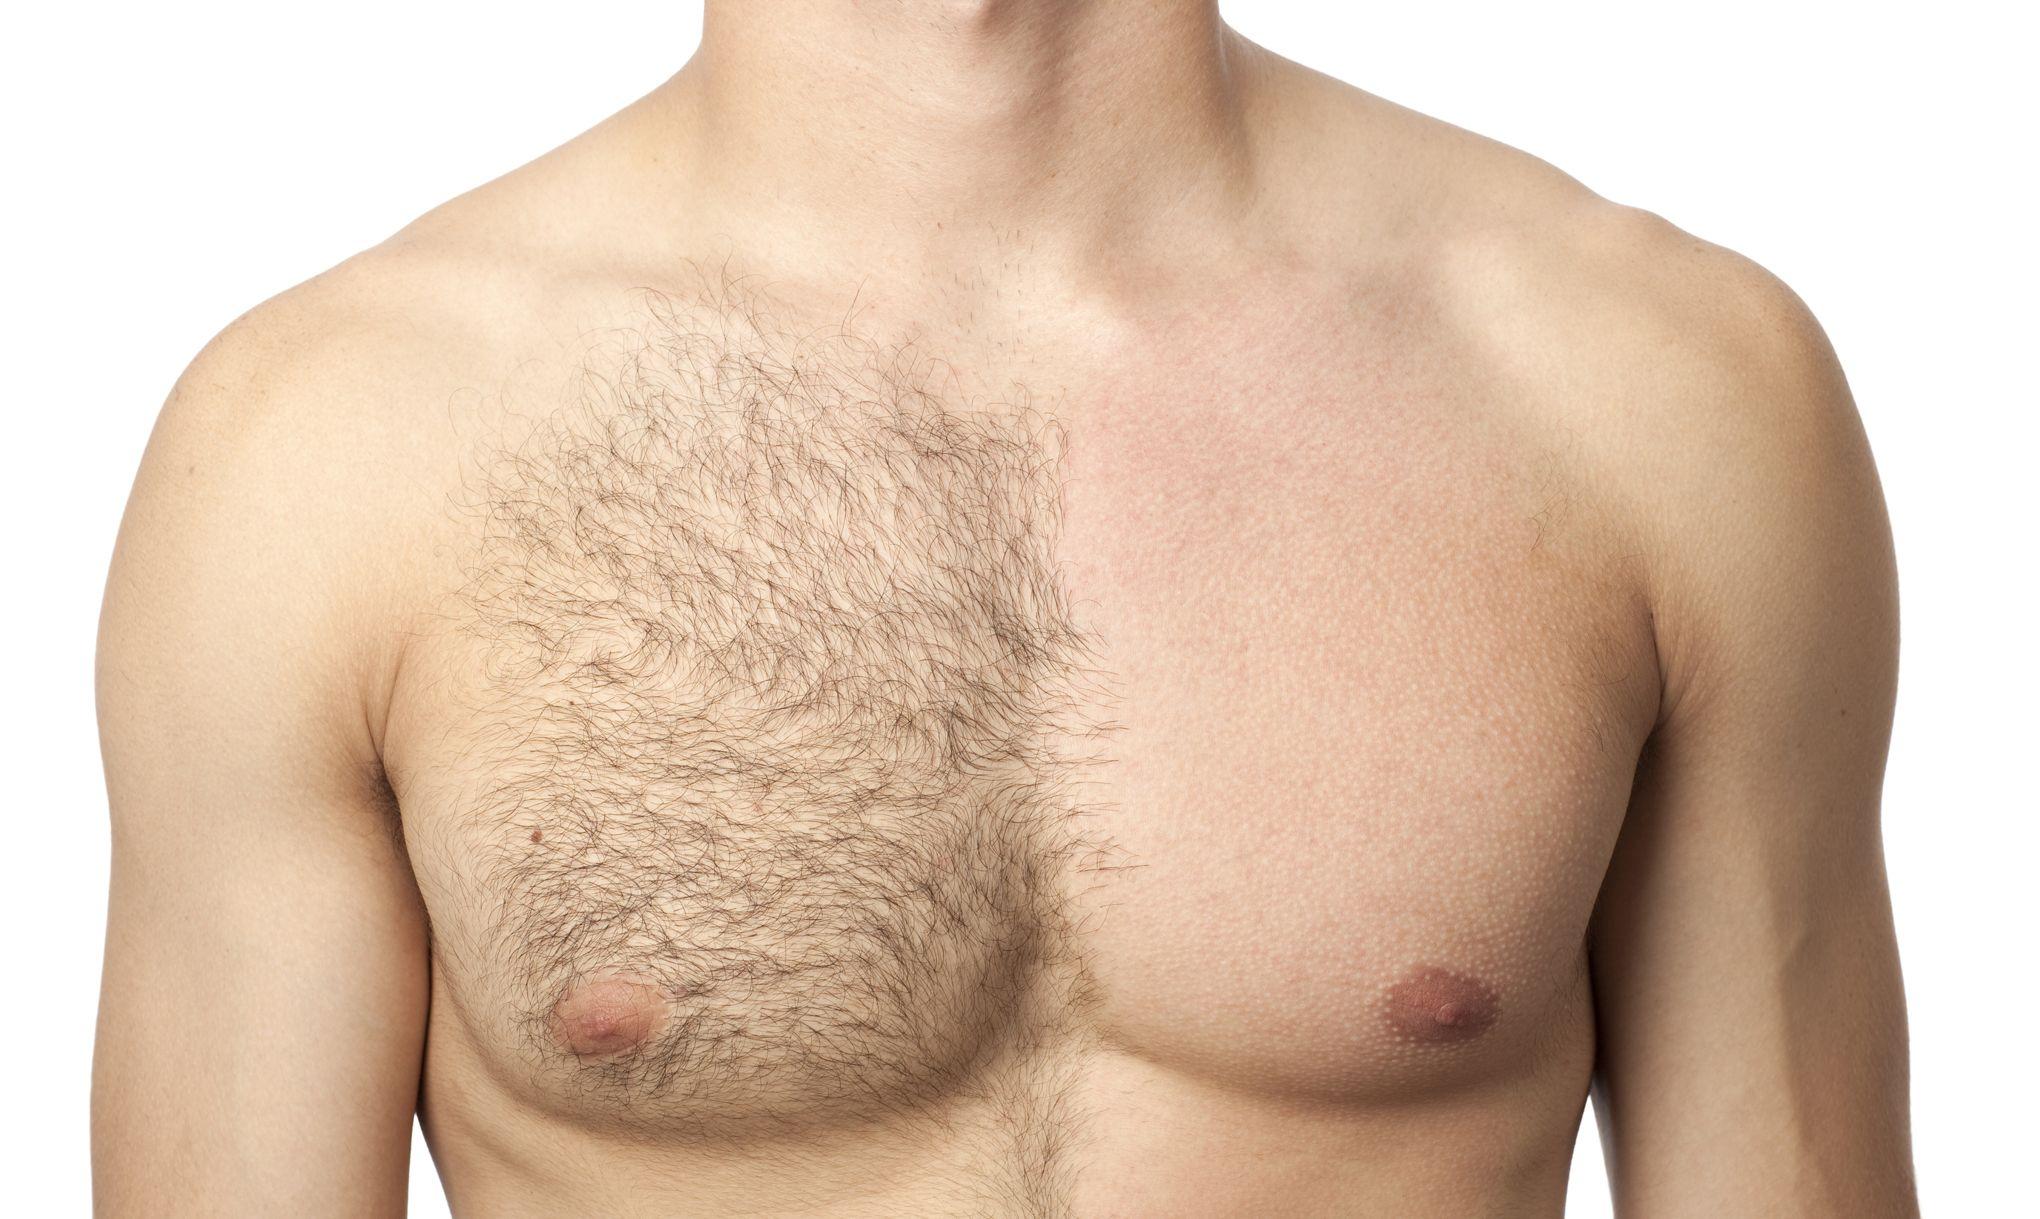 Épilation masculine : jusqu'où faut-il aller?